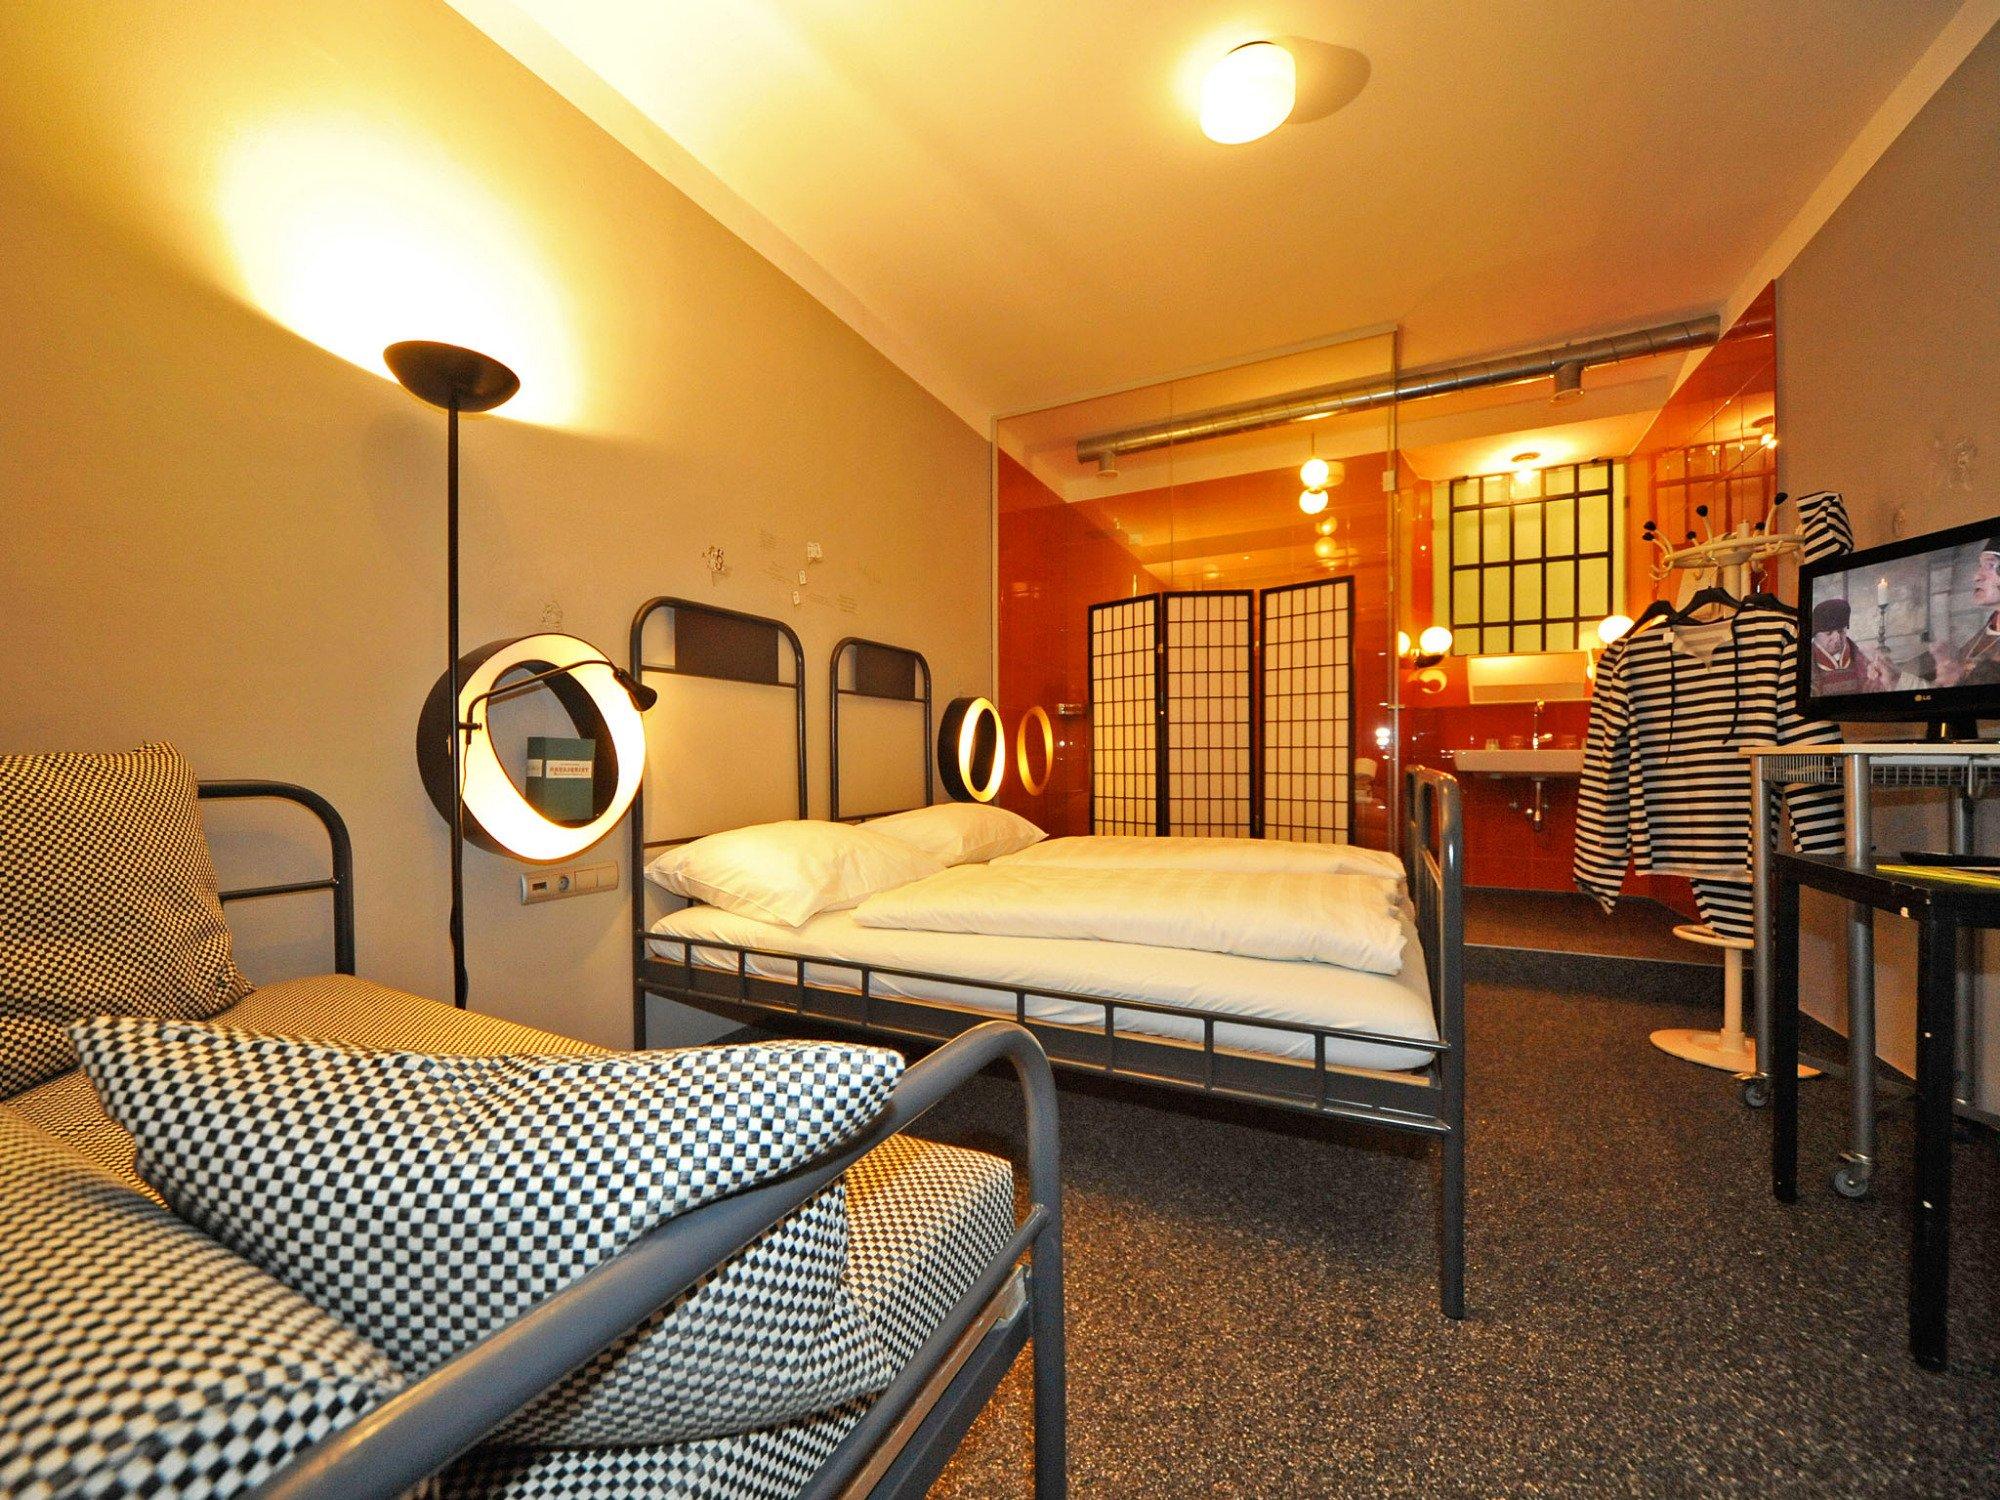 Erlebnis Post Stadthotel -  Hotel mit EigenART